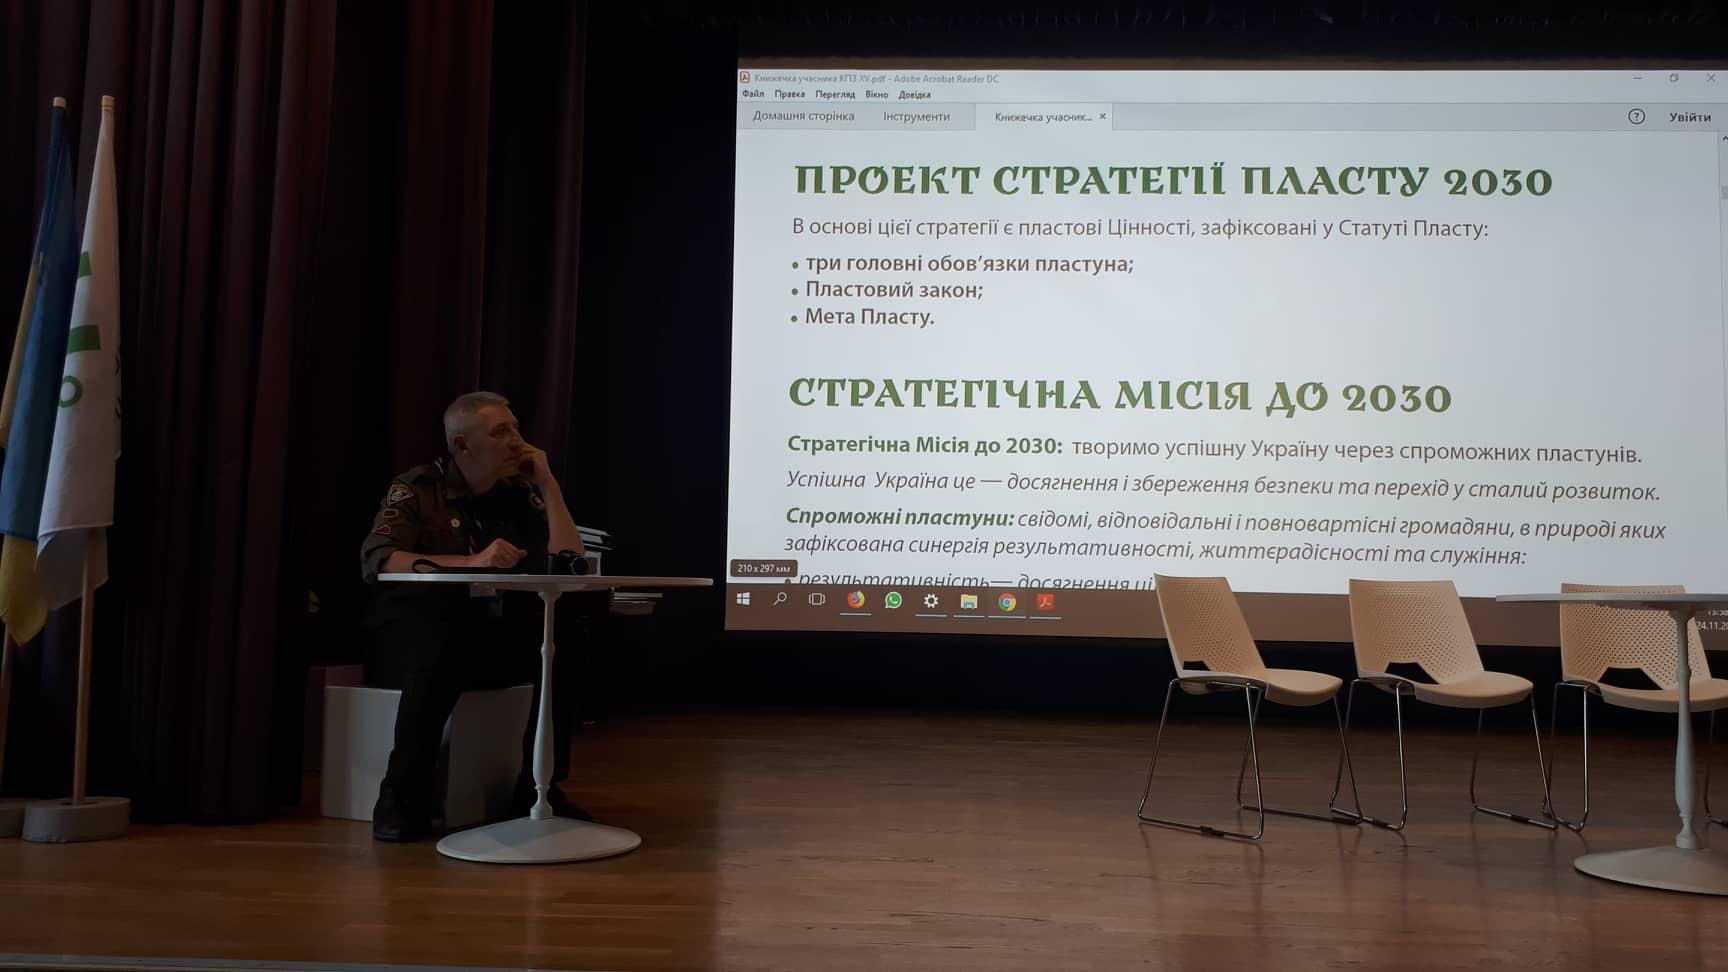 Ознайомлення зі стратегією 15 КПЗ у Києві, 24-25.11.2018